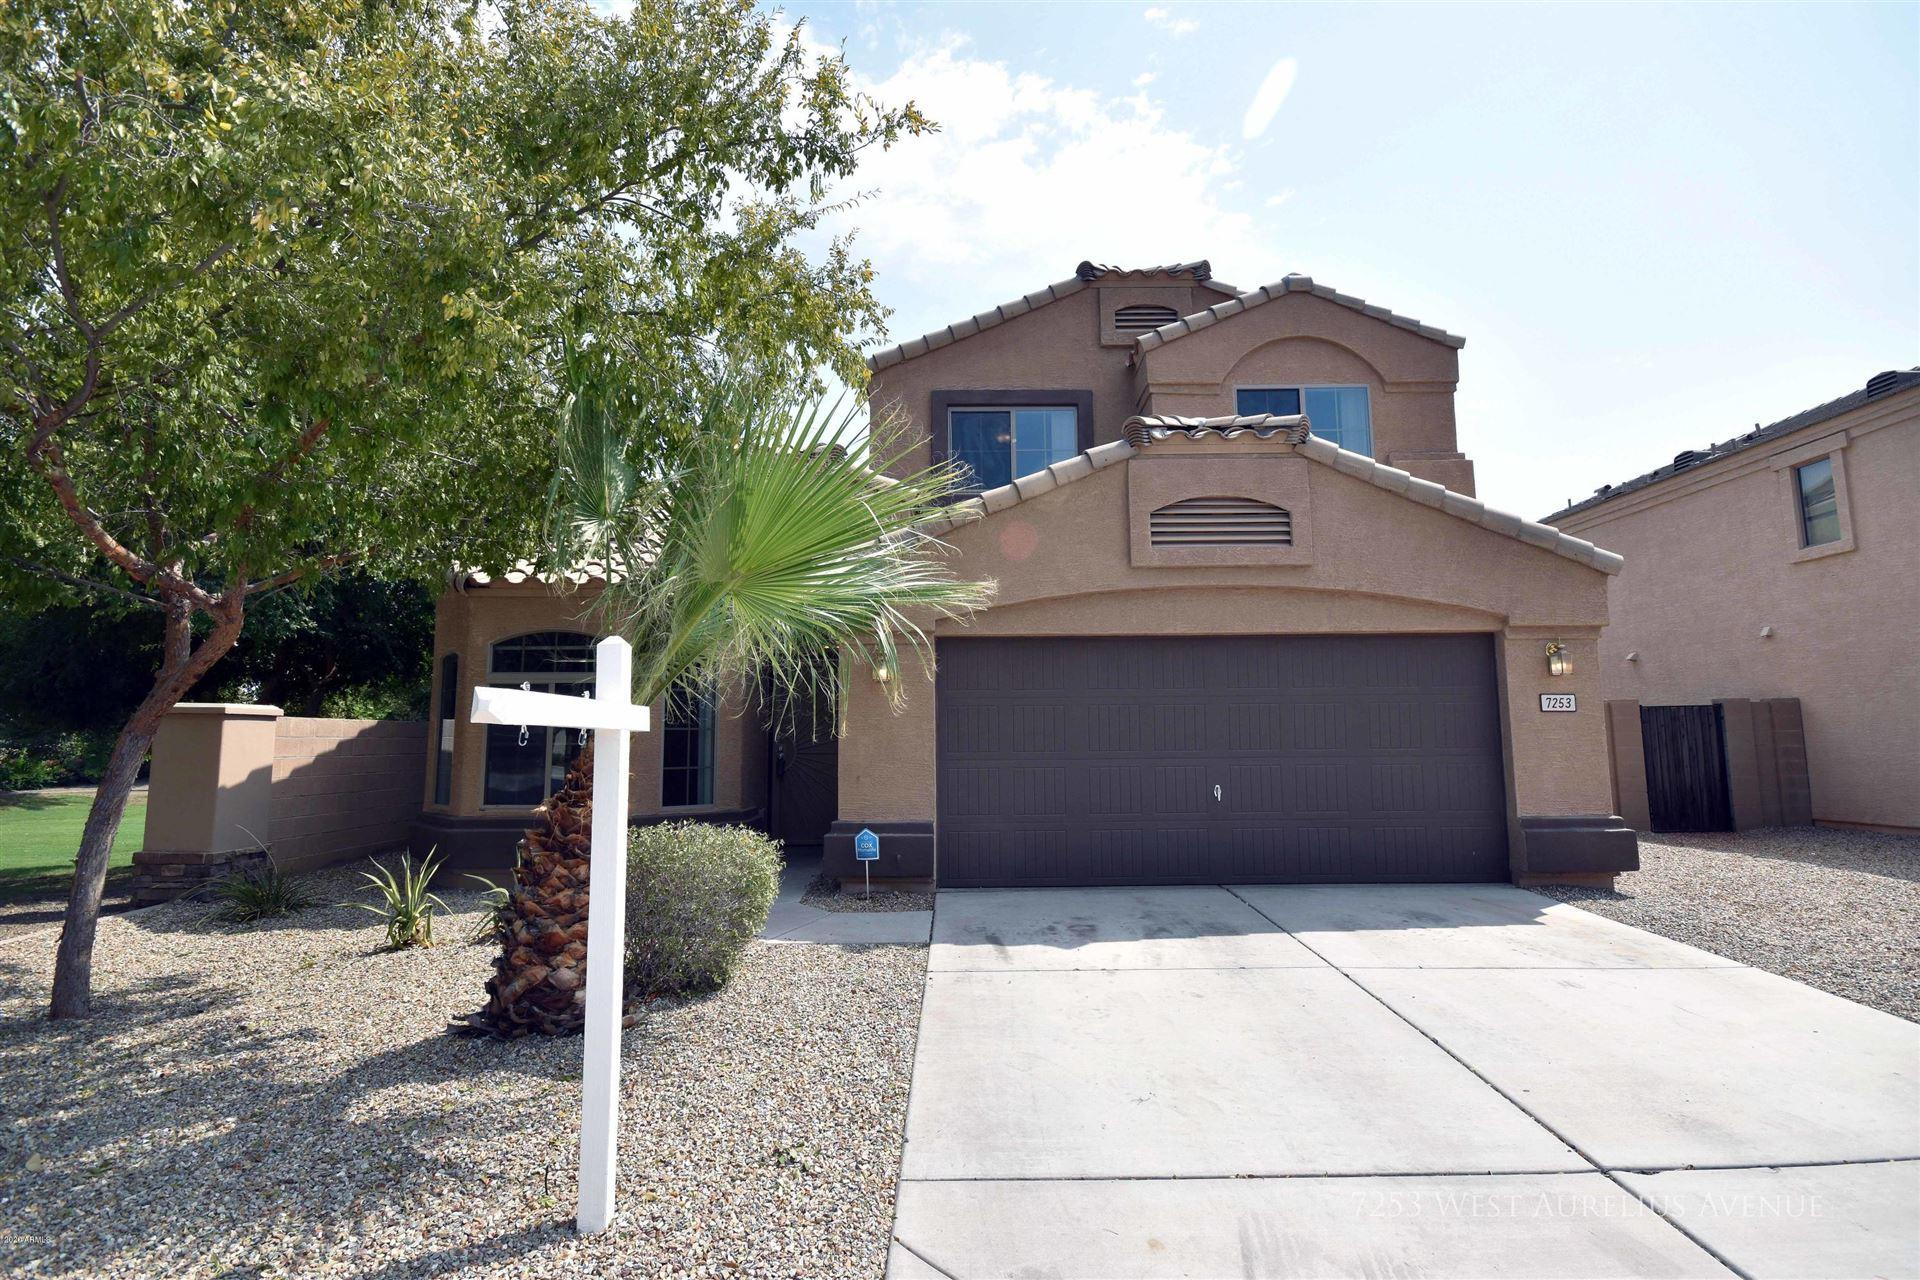 7253 W AURELIUS Avenue, Glendale, AZ 85303 - #: 6121243